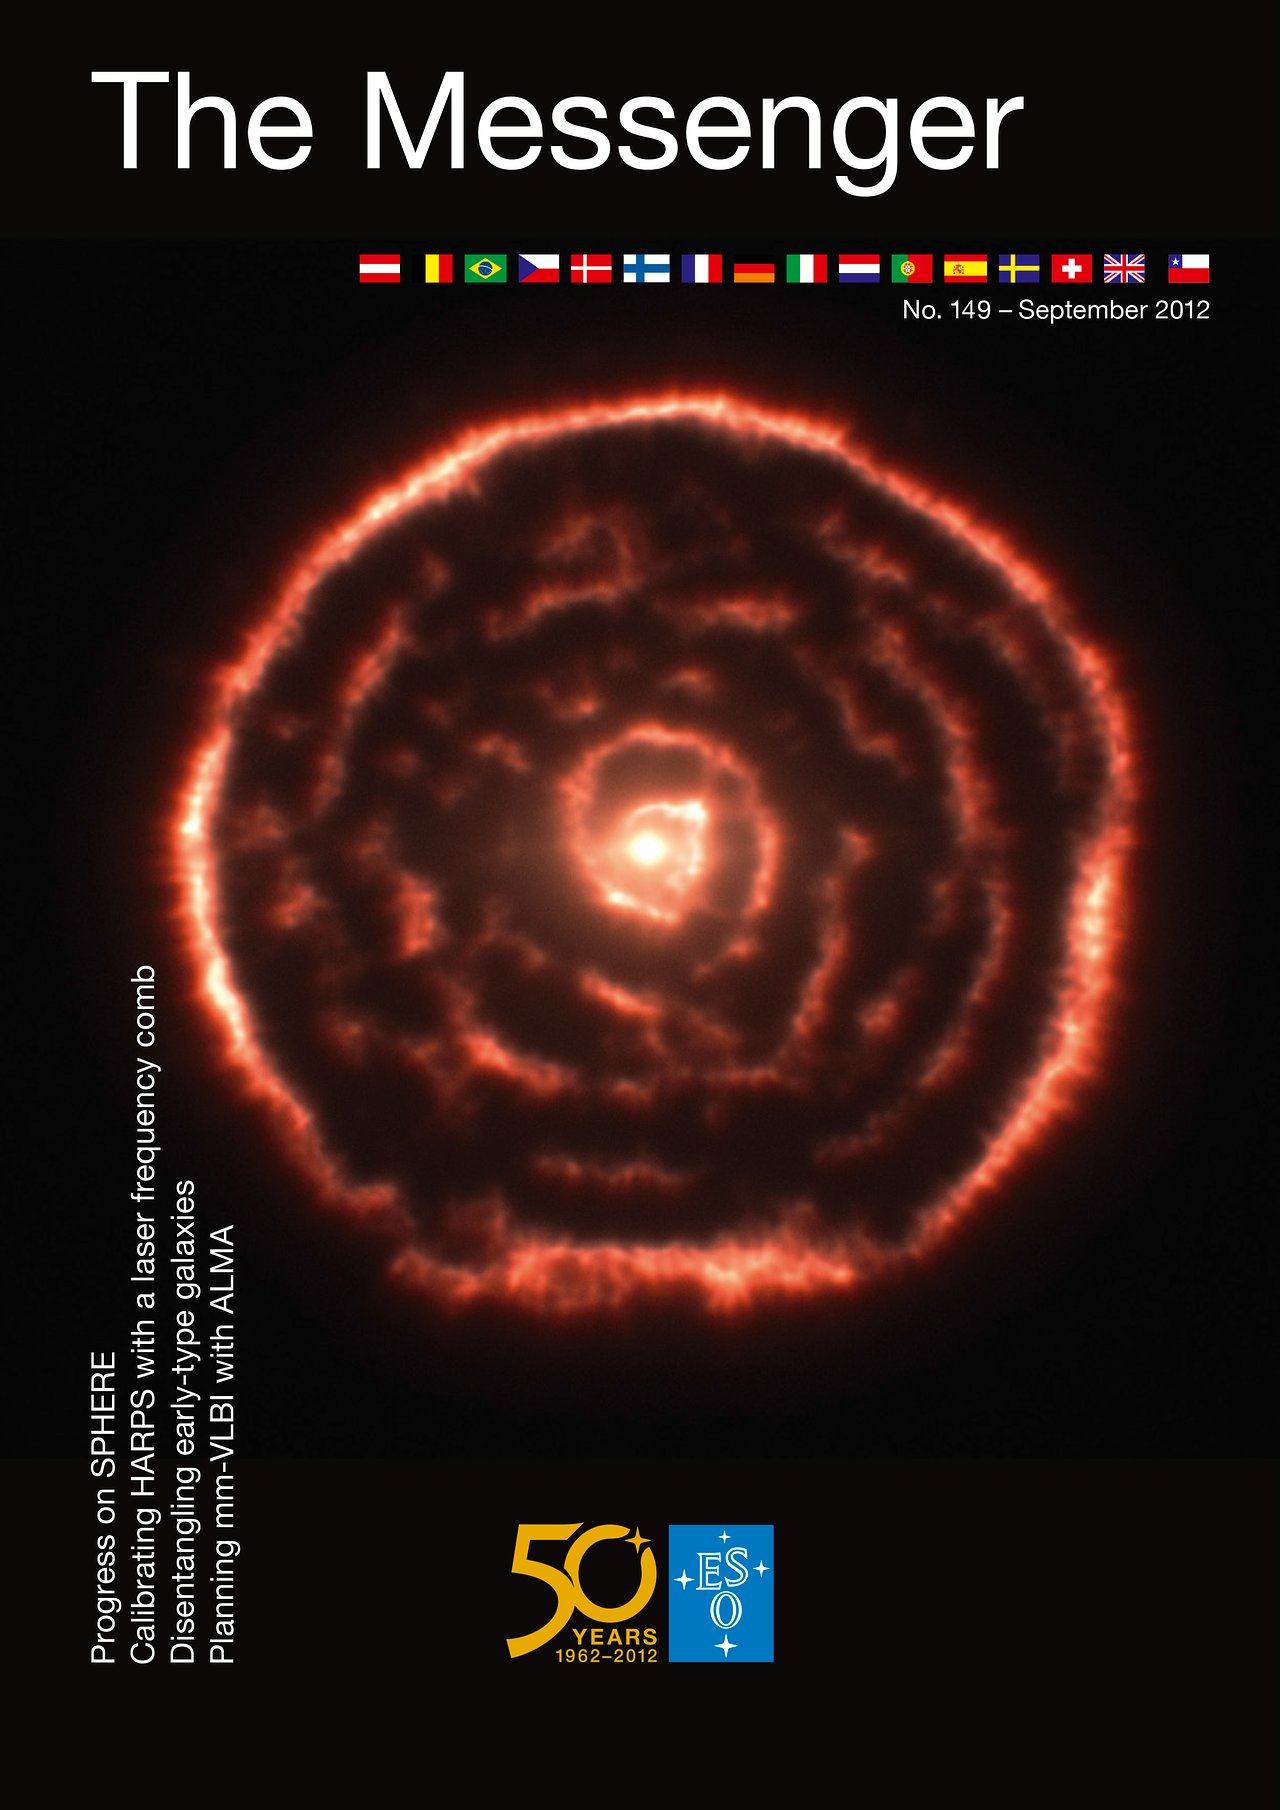 Titelseite von The Messenger Nr. 149